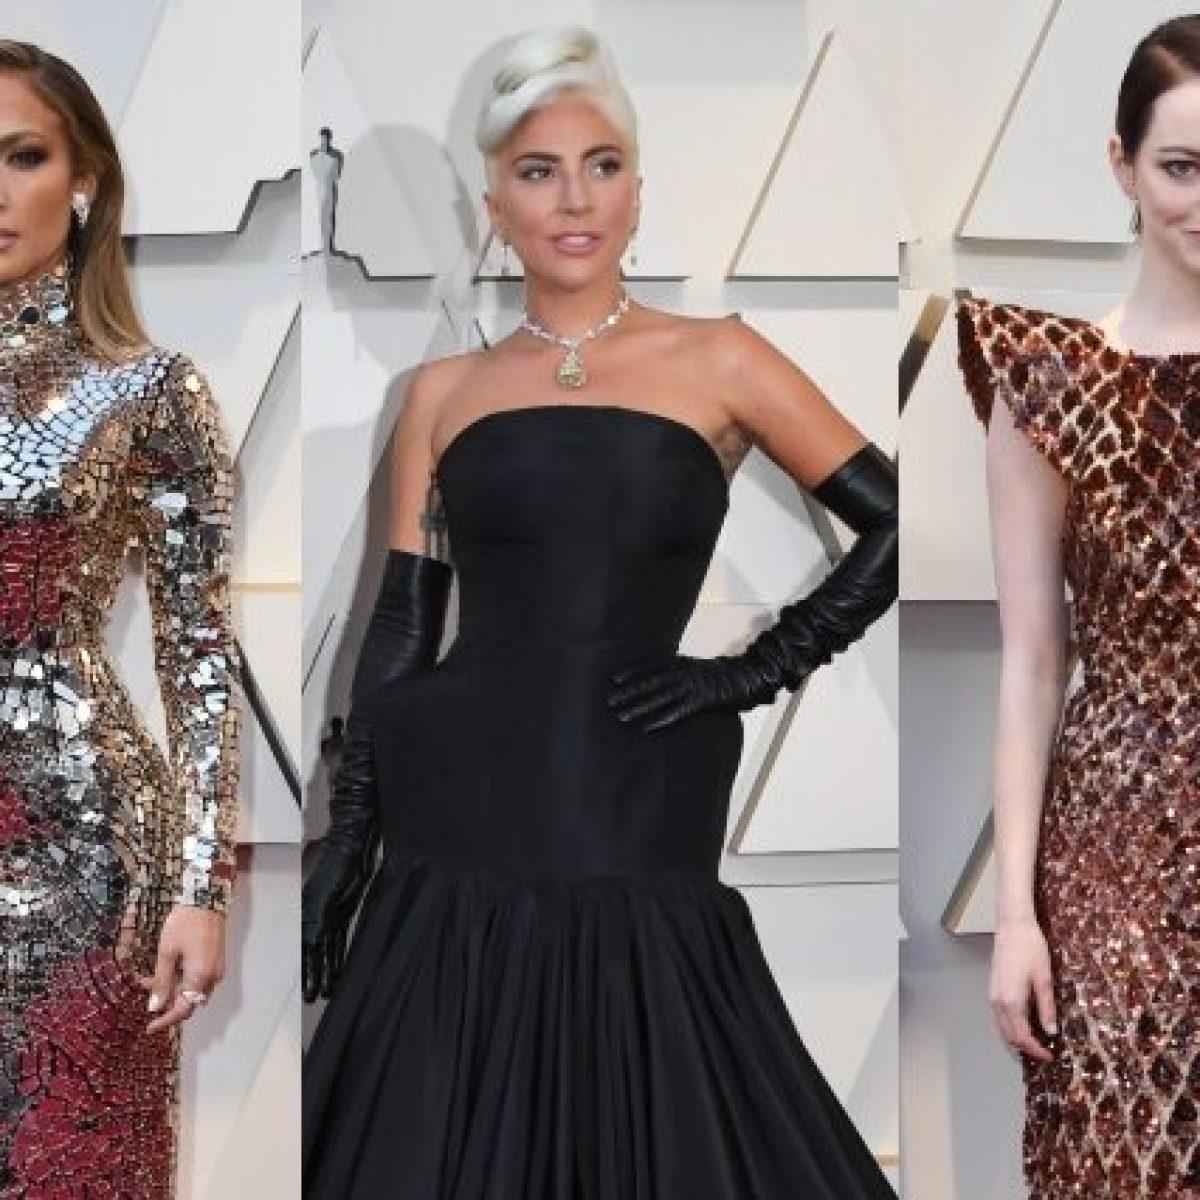 detailing 9b950 d3219 I look degli Oscar 2019: tutti gli abiti delle star sul red ...